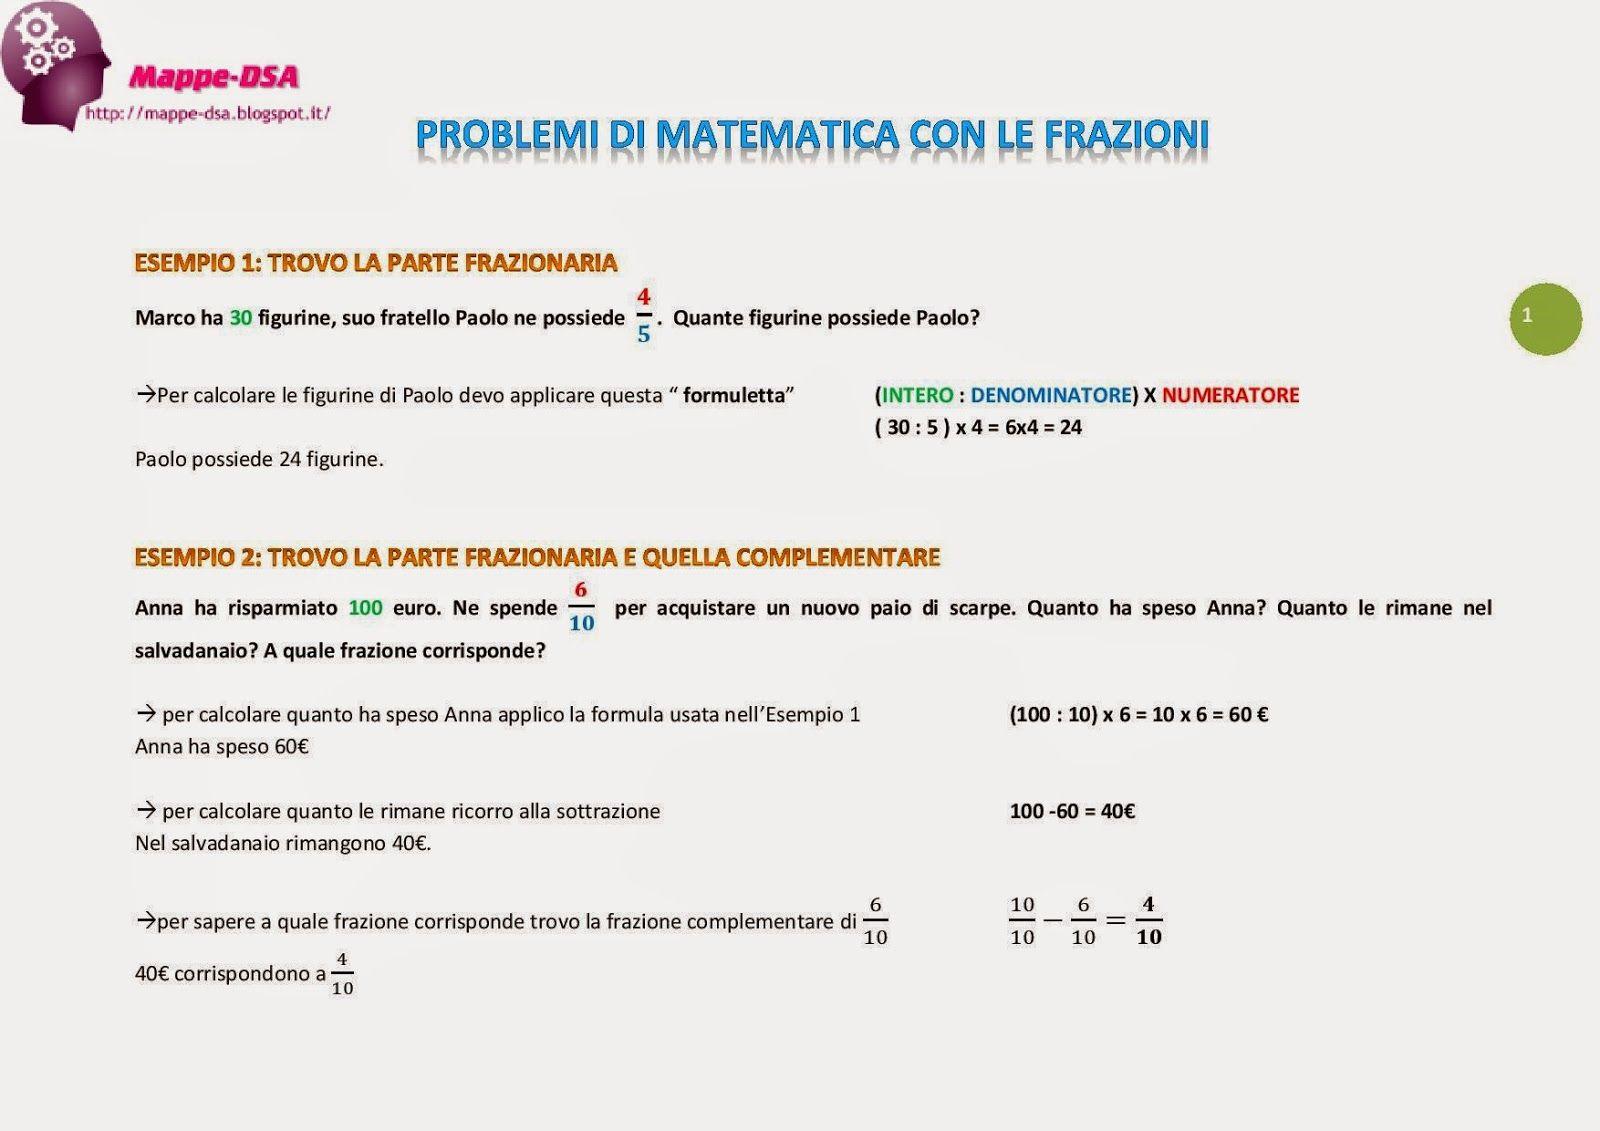 PROBLEMI DI MATEMATICA CON LE FRAZIONI: ESEMPI DI ...